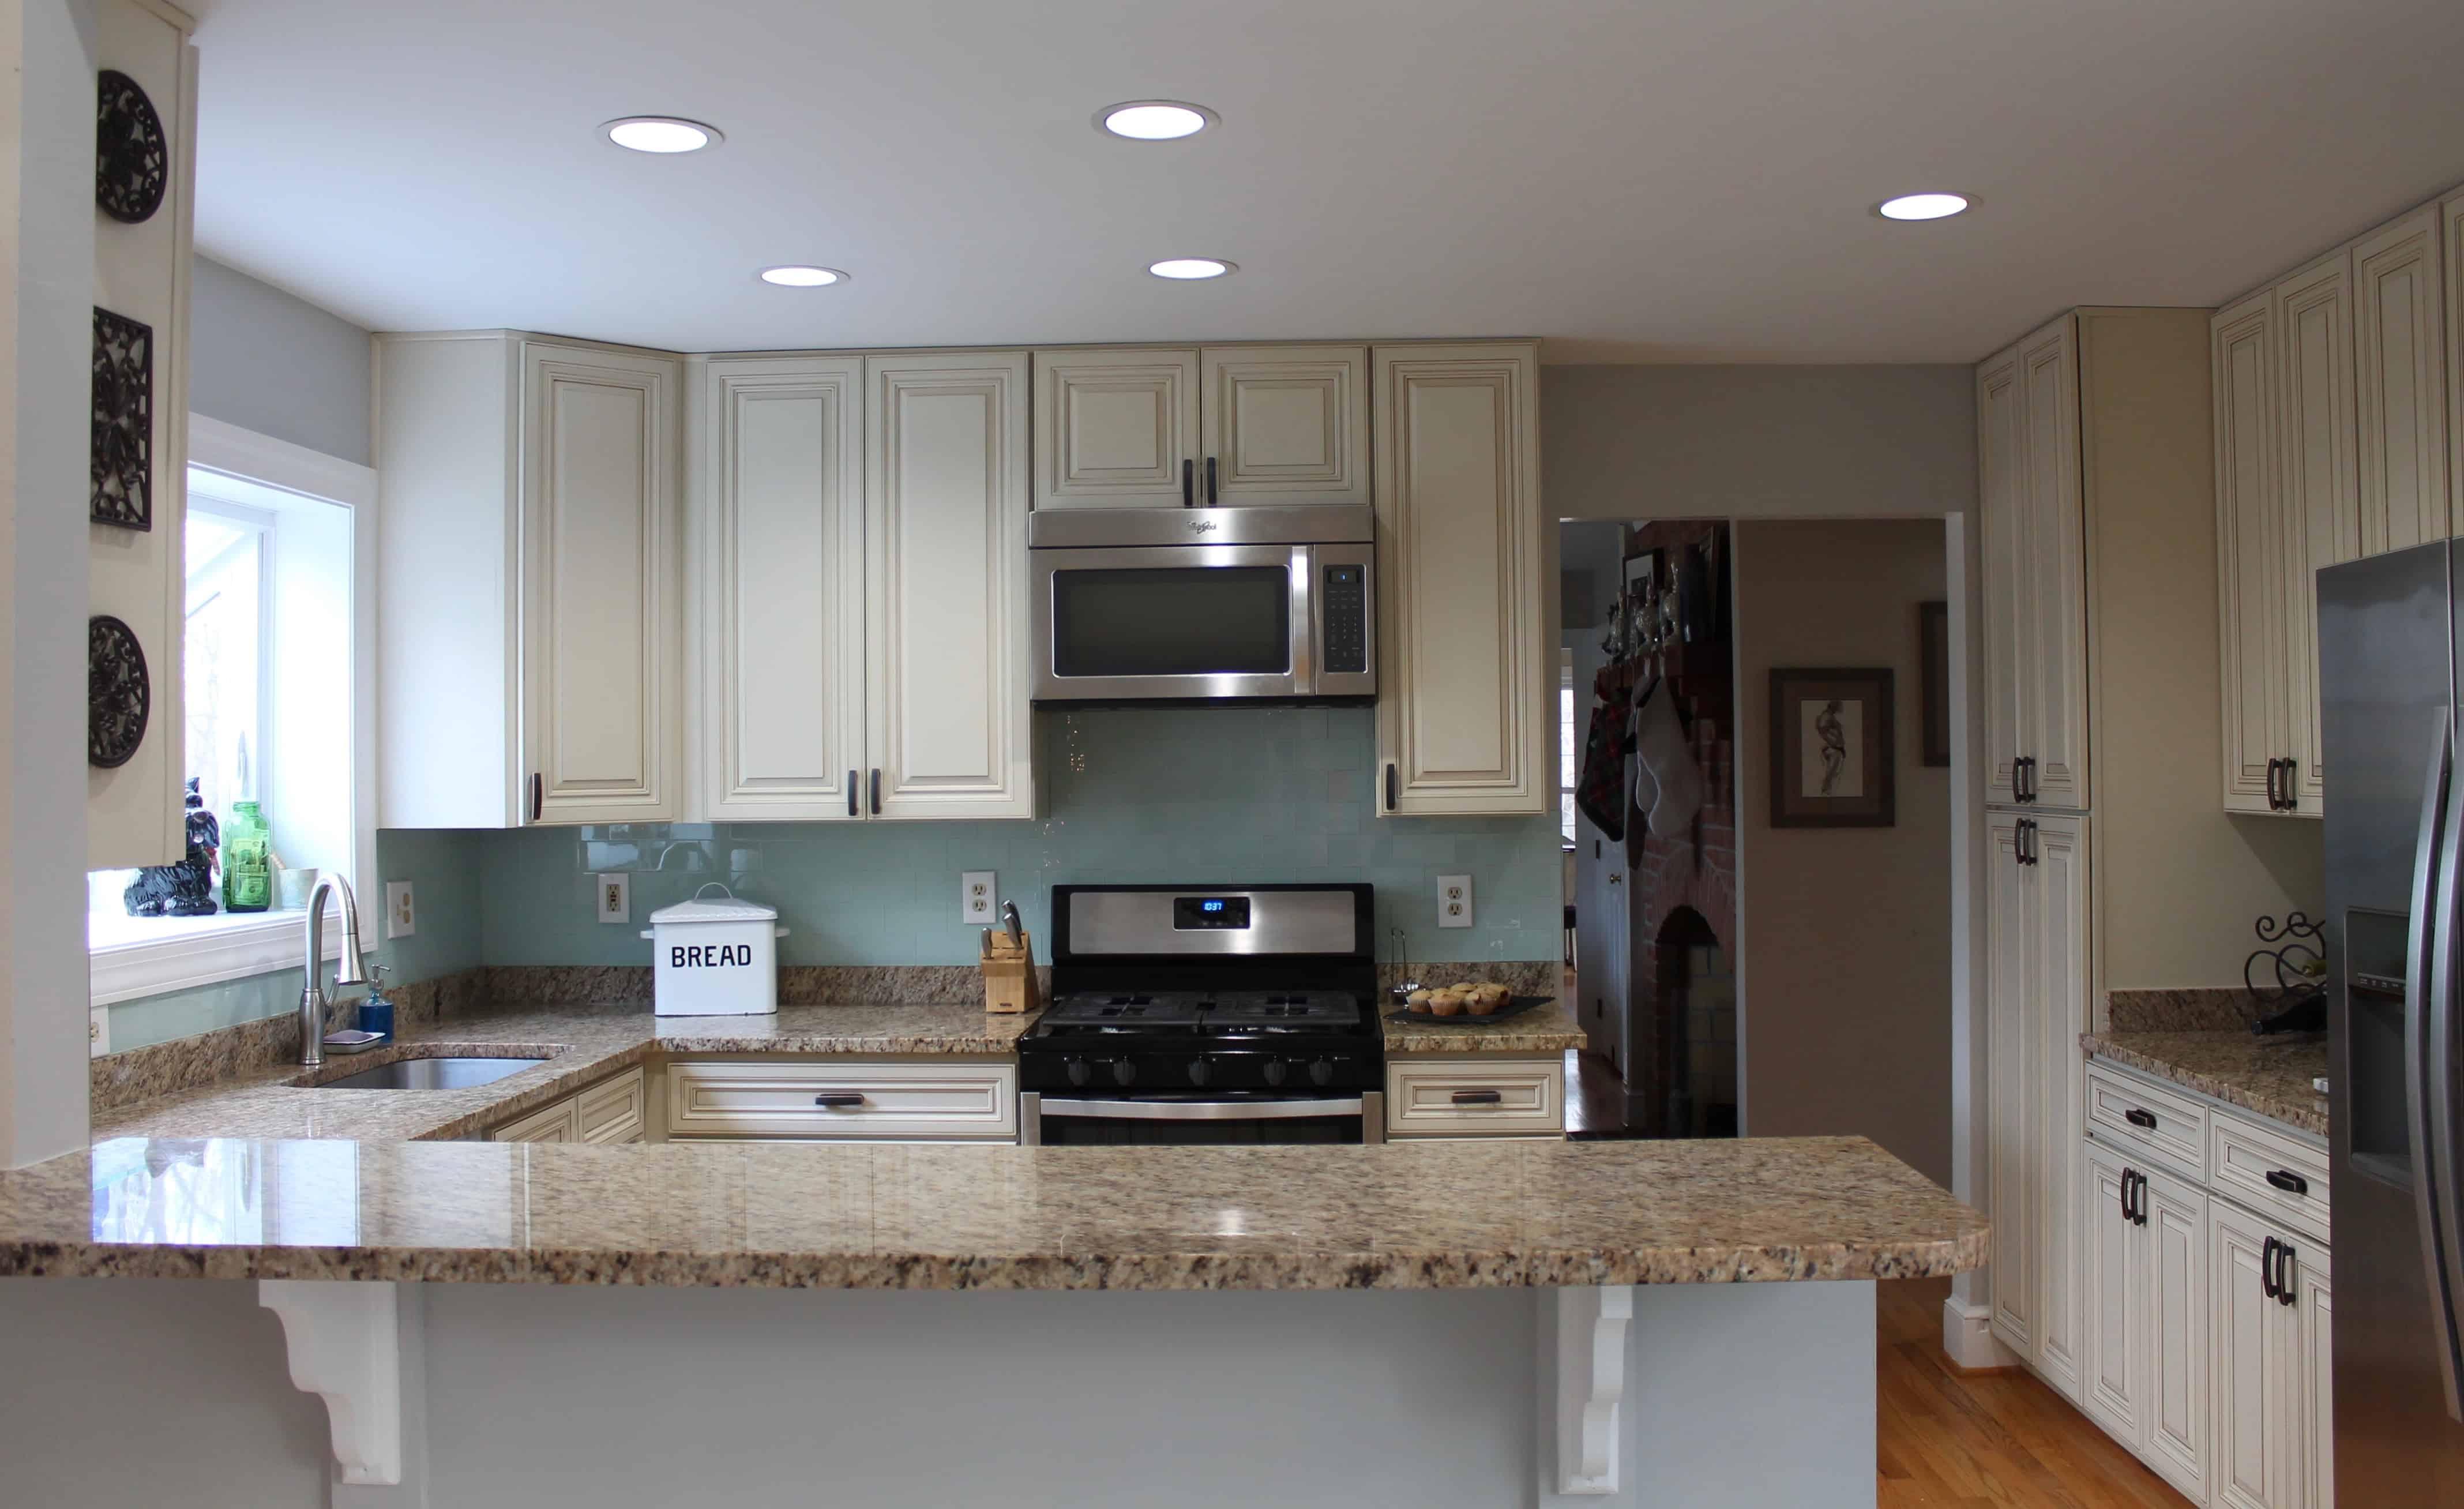 My quick kitchen update Saved by Scottie – Kitchen Update Cost